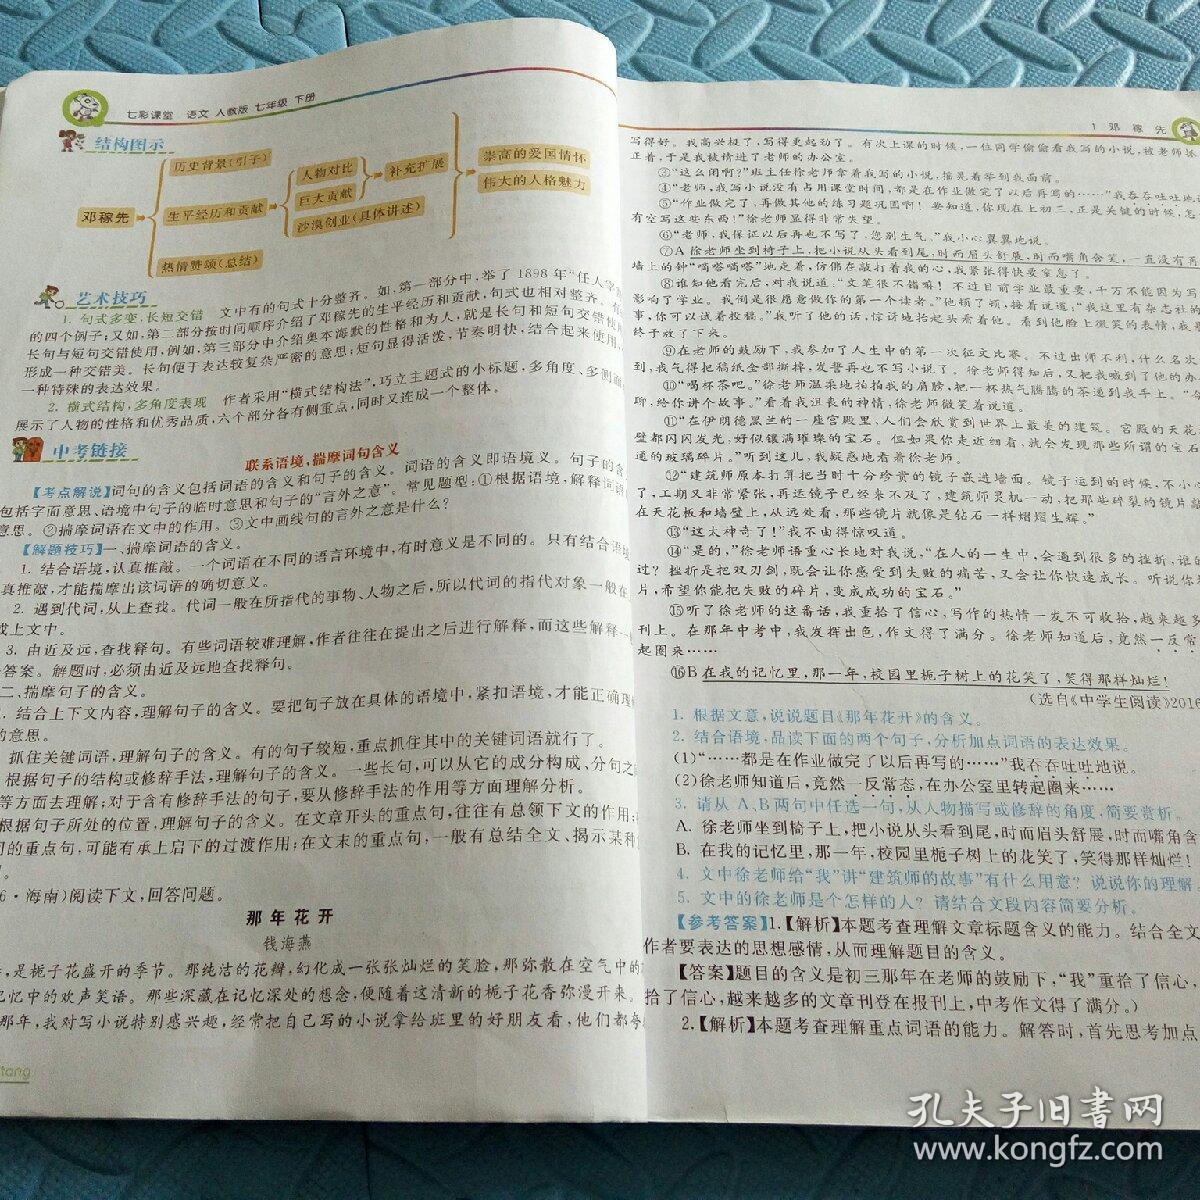 民易开运 初中一点通语文教材参考资料预习练习中考链接 七彩课堂 人教版初中语文七年级下册